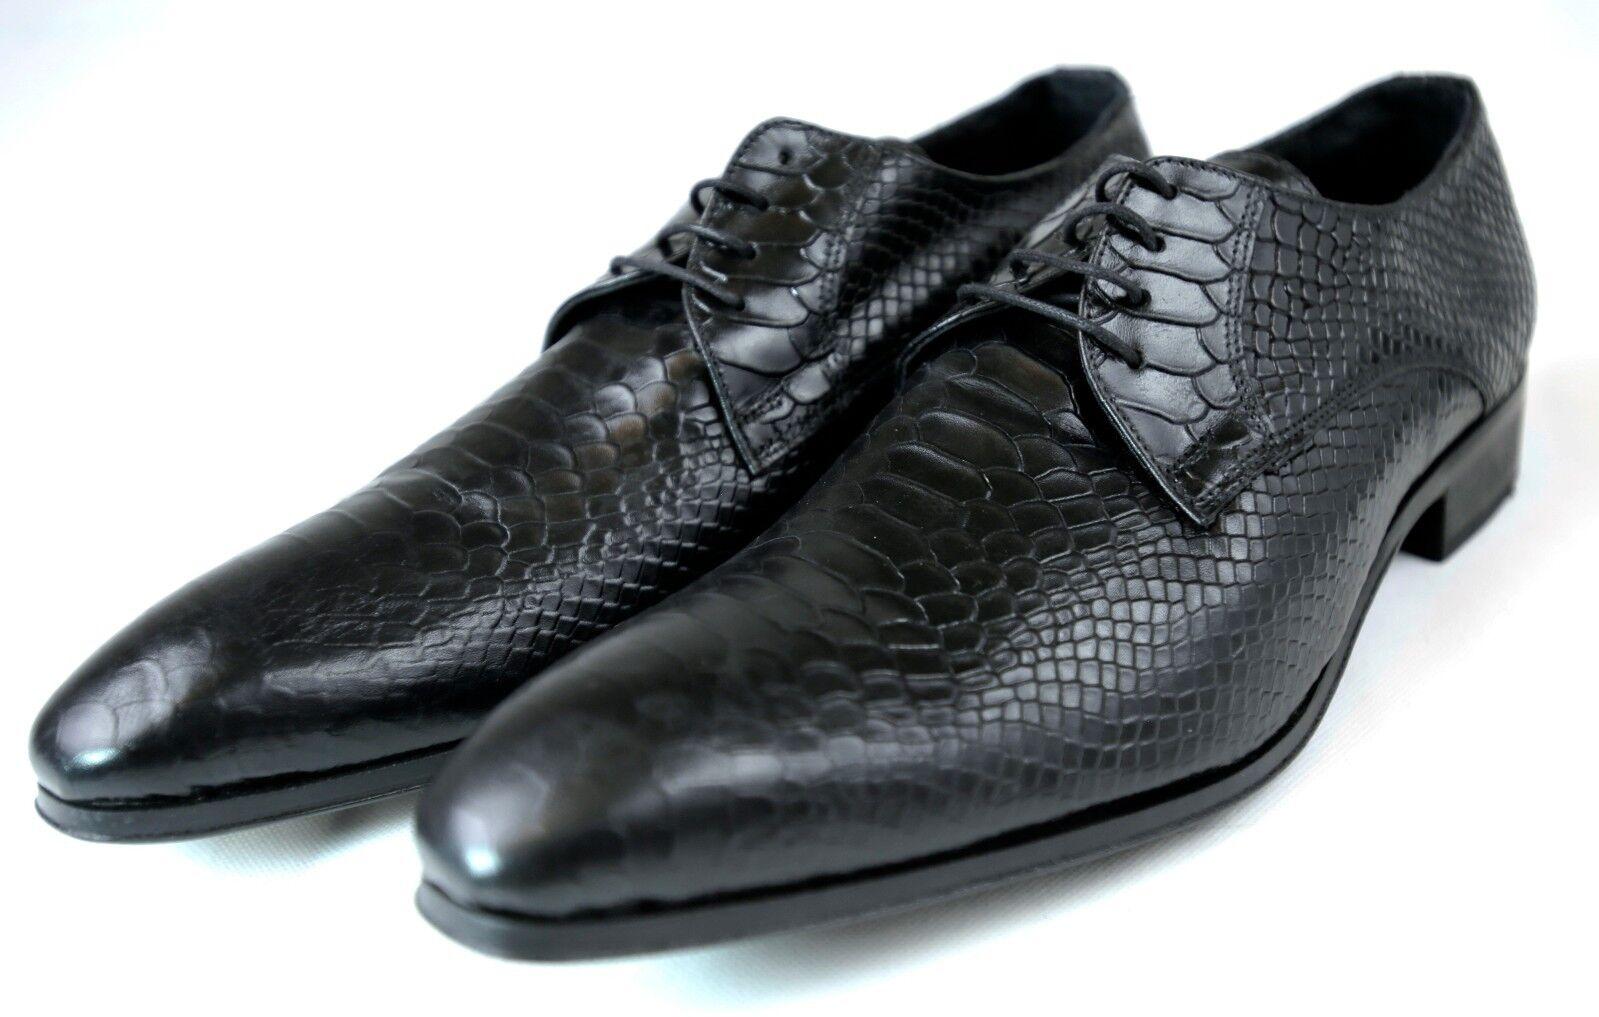 design semplice e generoso nero Crocodile Handmade Italian Leather Leather Leather Dress scarpe Oxford scarpe 46,  presa di fabbrica